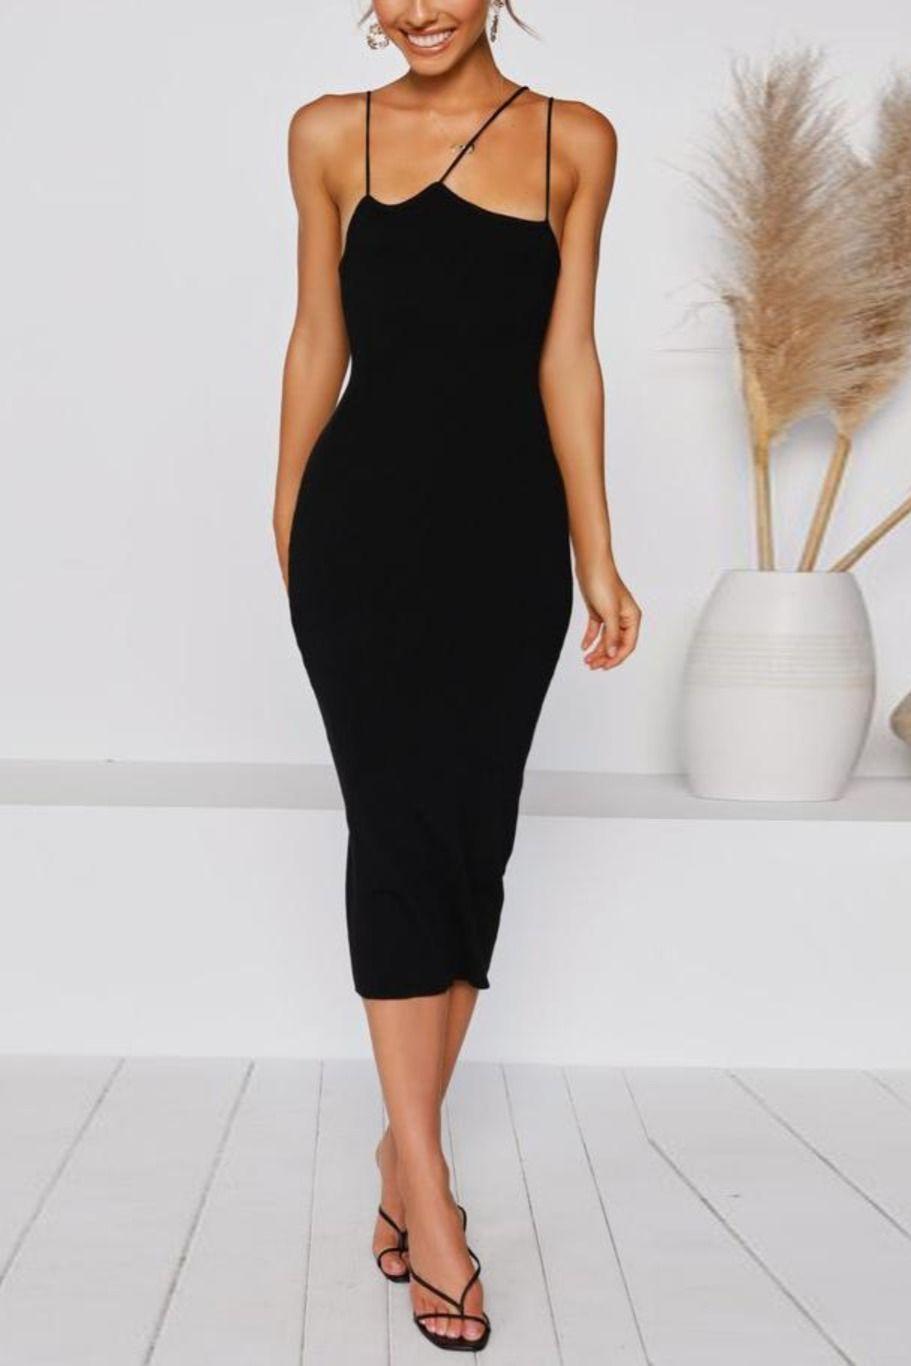 Solid Color Slim Fit Midi Dress Fitted Midi Dress Dresses Midi Dress [ 1366 x 911 Pixel ]